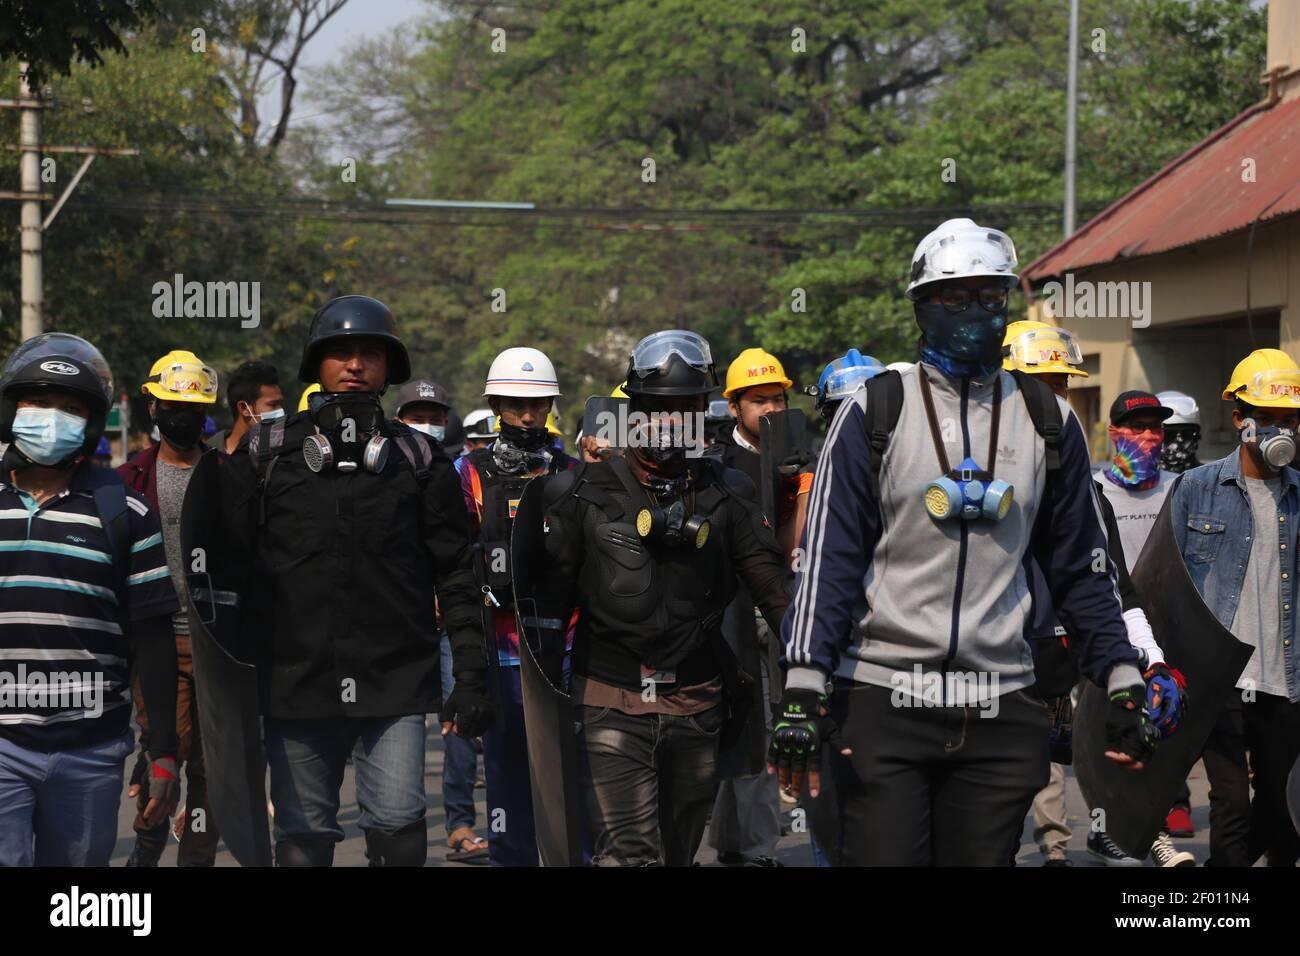 Mandalay, Myanmar. 6th de marzo de 2021. Hoy se celebró el funeral de un hombre de 26 años que fue baleado y muerto por las Fuerzas de Seguridad de Myanmar el 5 de marzo de 2021 mientras se iba a comer fuera durante el trabajo (6th de marzo de 2021). Es padre de un niño de 5 años y esposa embarazada de 5 meses. La gente tomó las calles para protestar contra el golpe militar durante el funeral. Crédito: Mayoría Mundial CIC/Alamy Live News Foto de stock